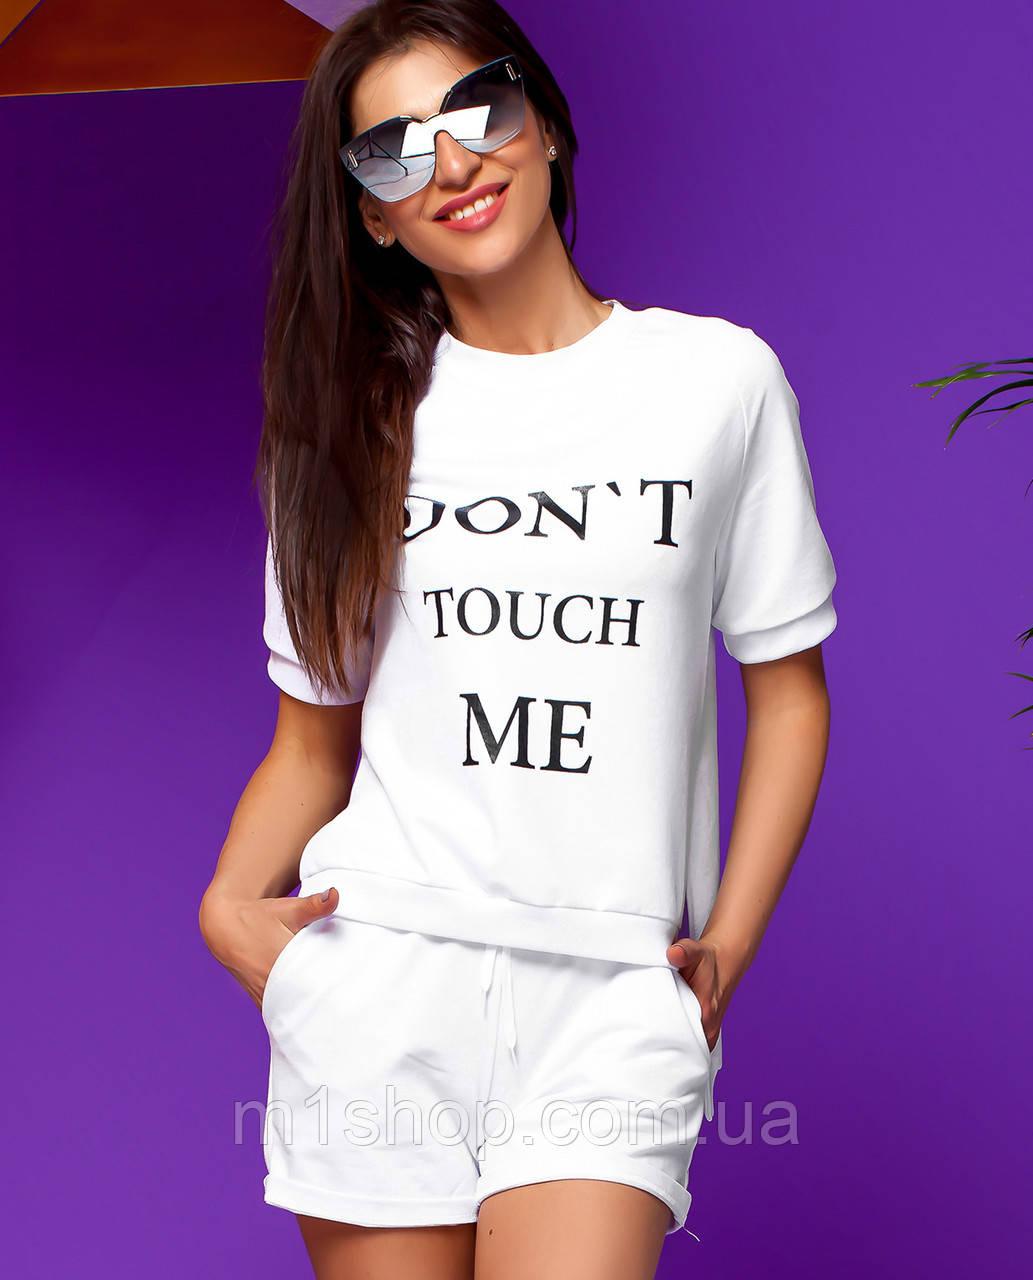 52153f4790f7 Женский спортивный костюм с шортами (Кемри jd ) купить недорого ...